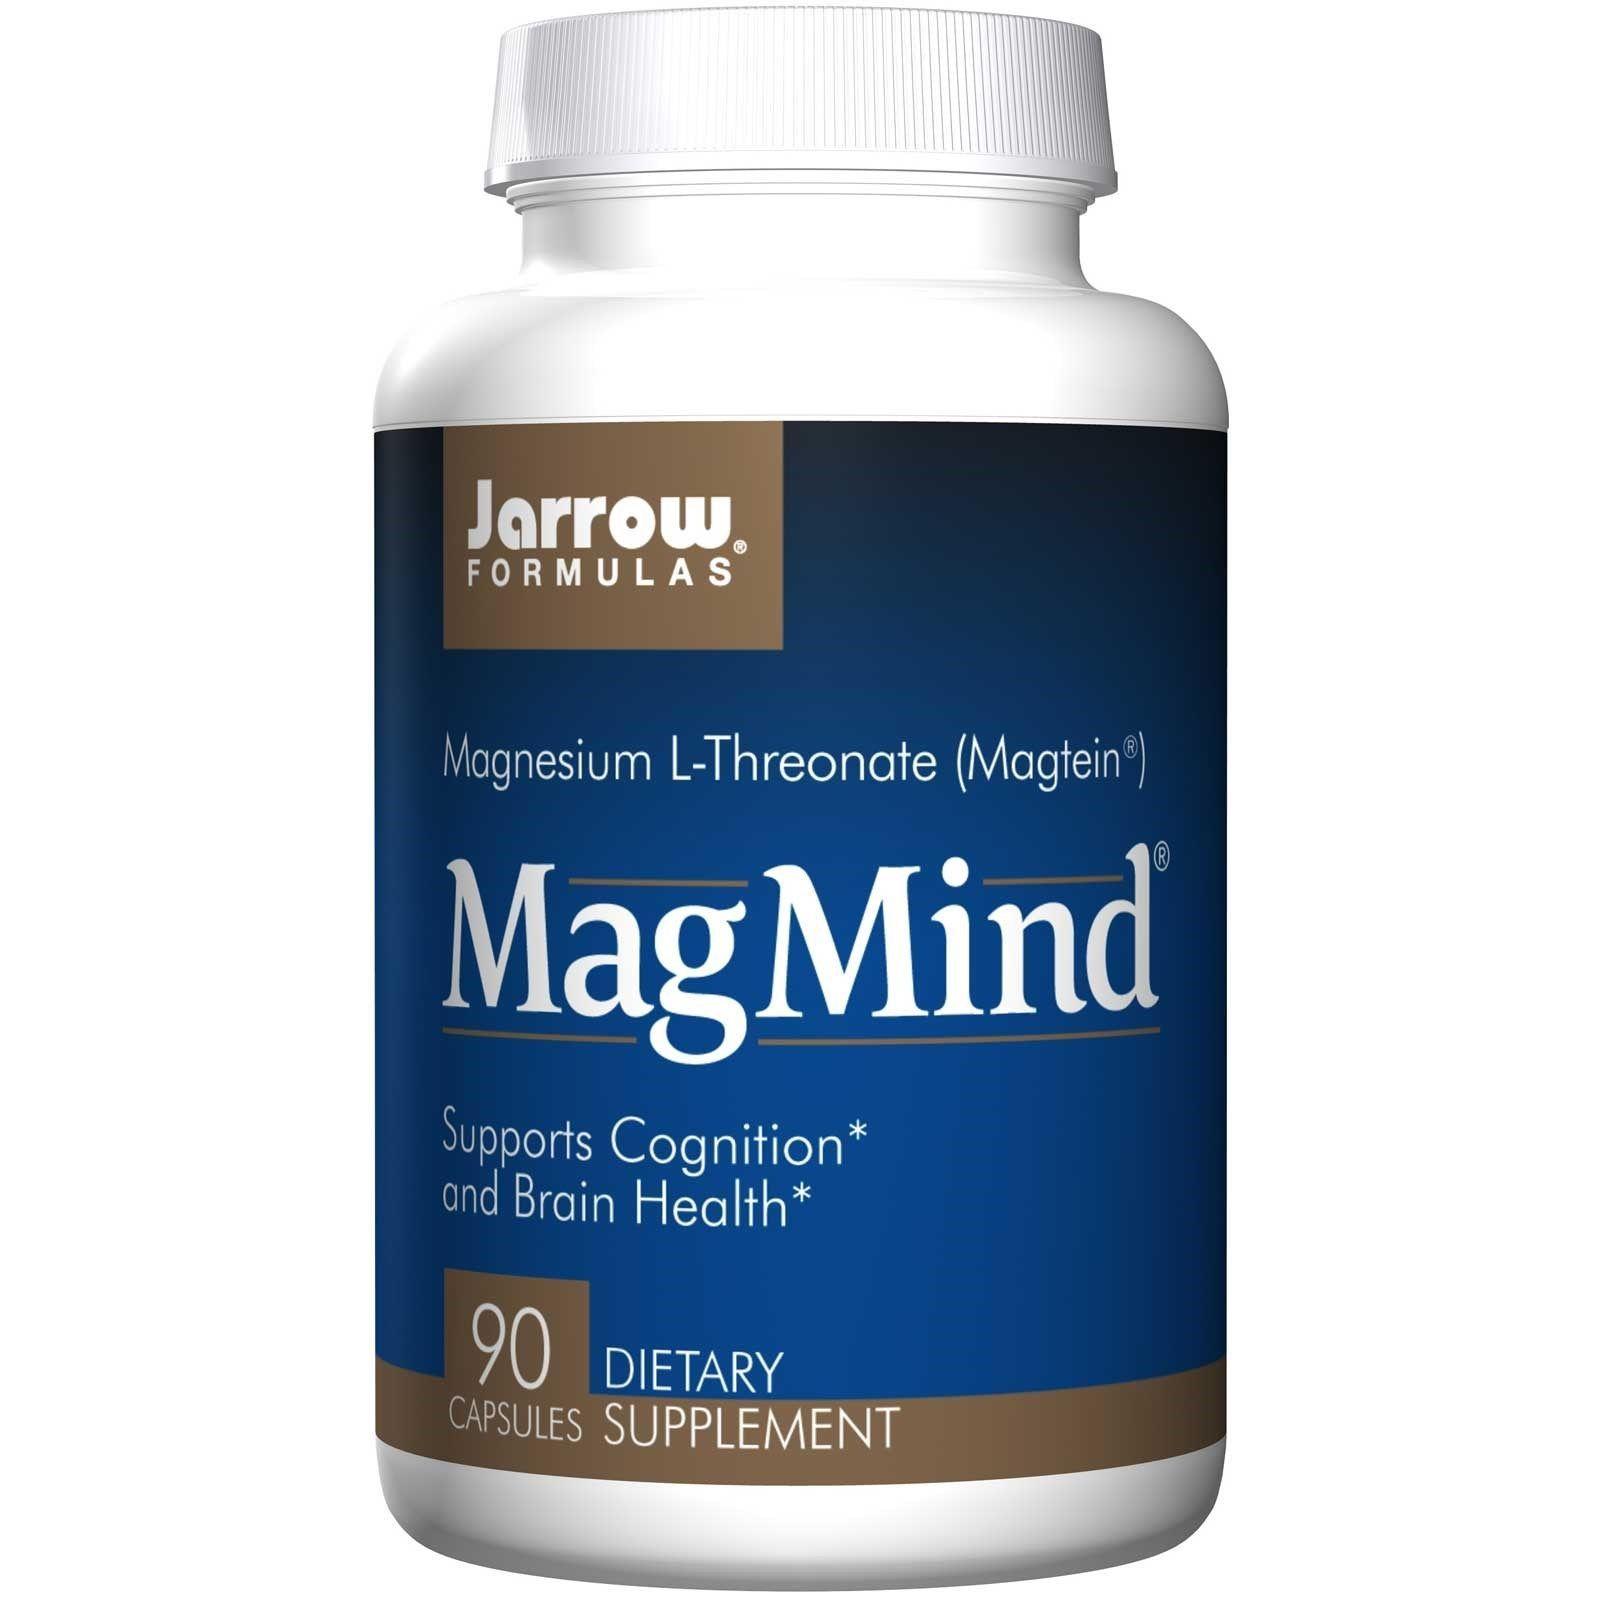 Jarrow Formulas Magmind 90 Capsules Cognition Brain Health